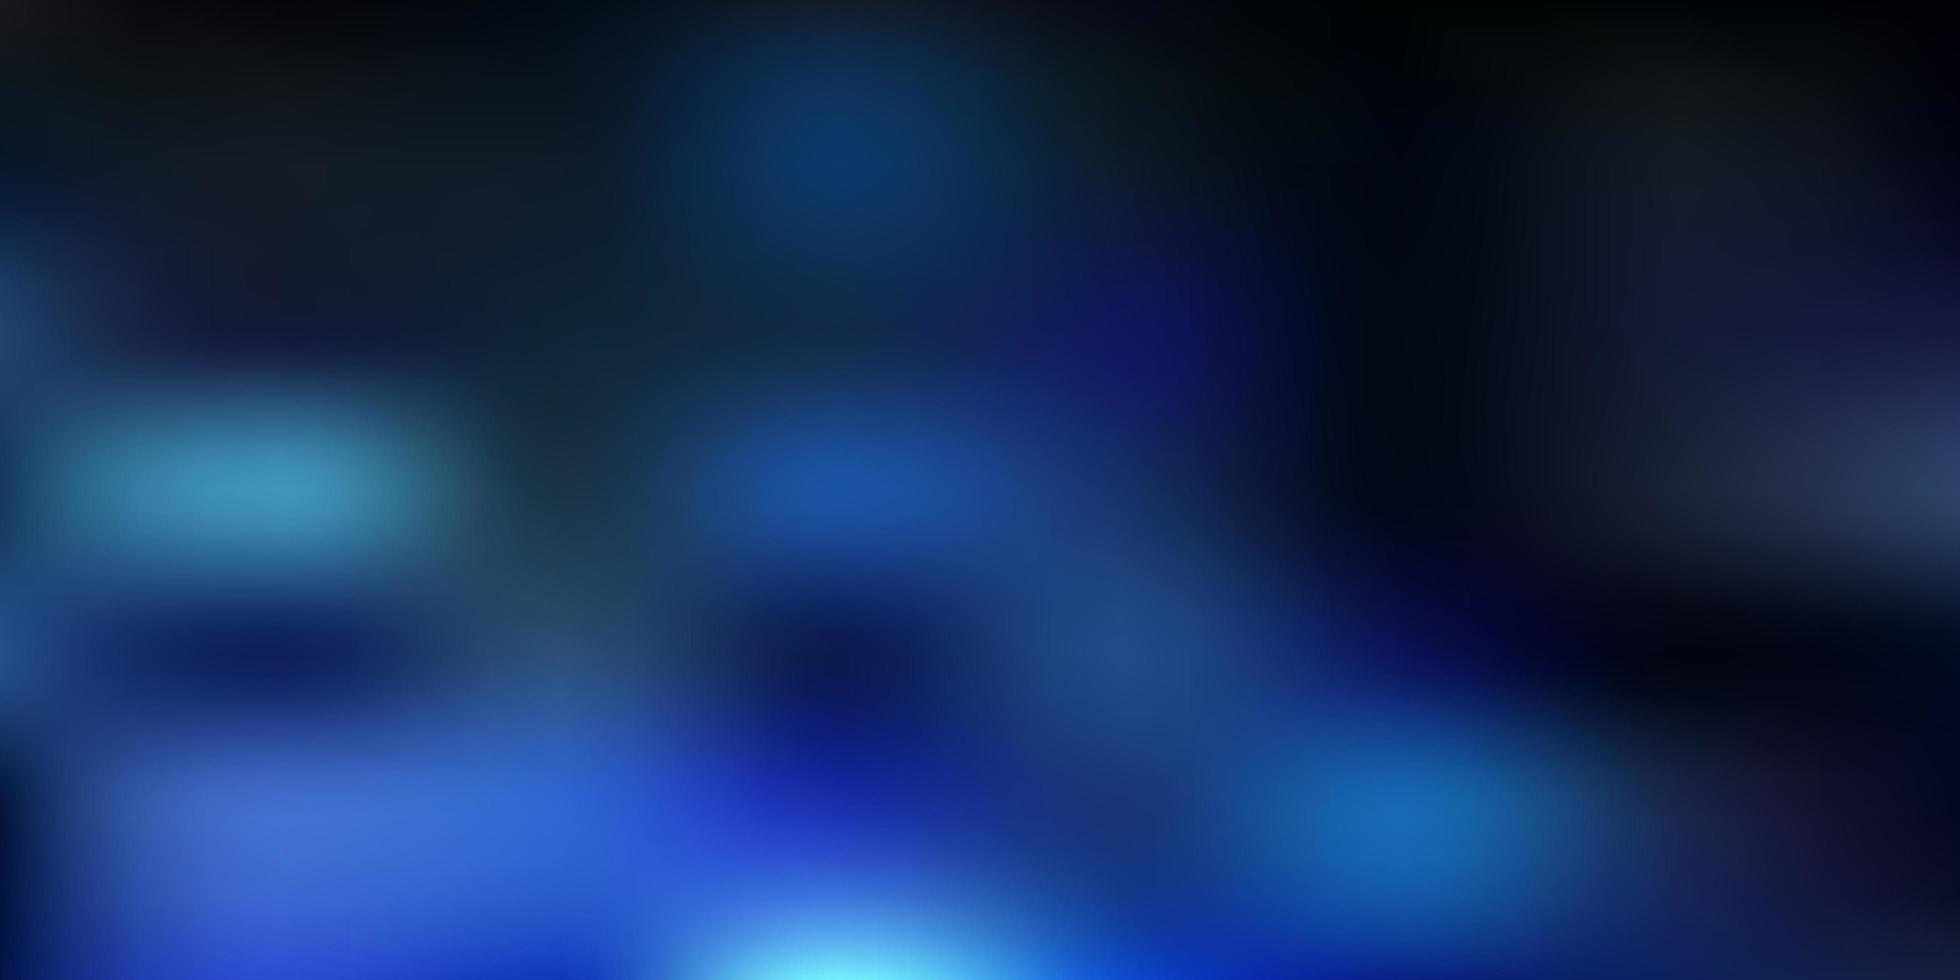 hellblaue Vektor abstrakte Unschärfe Muster